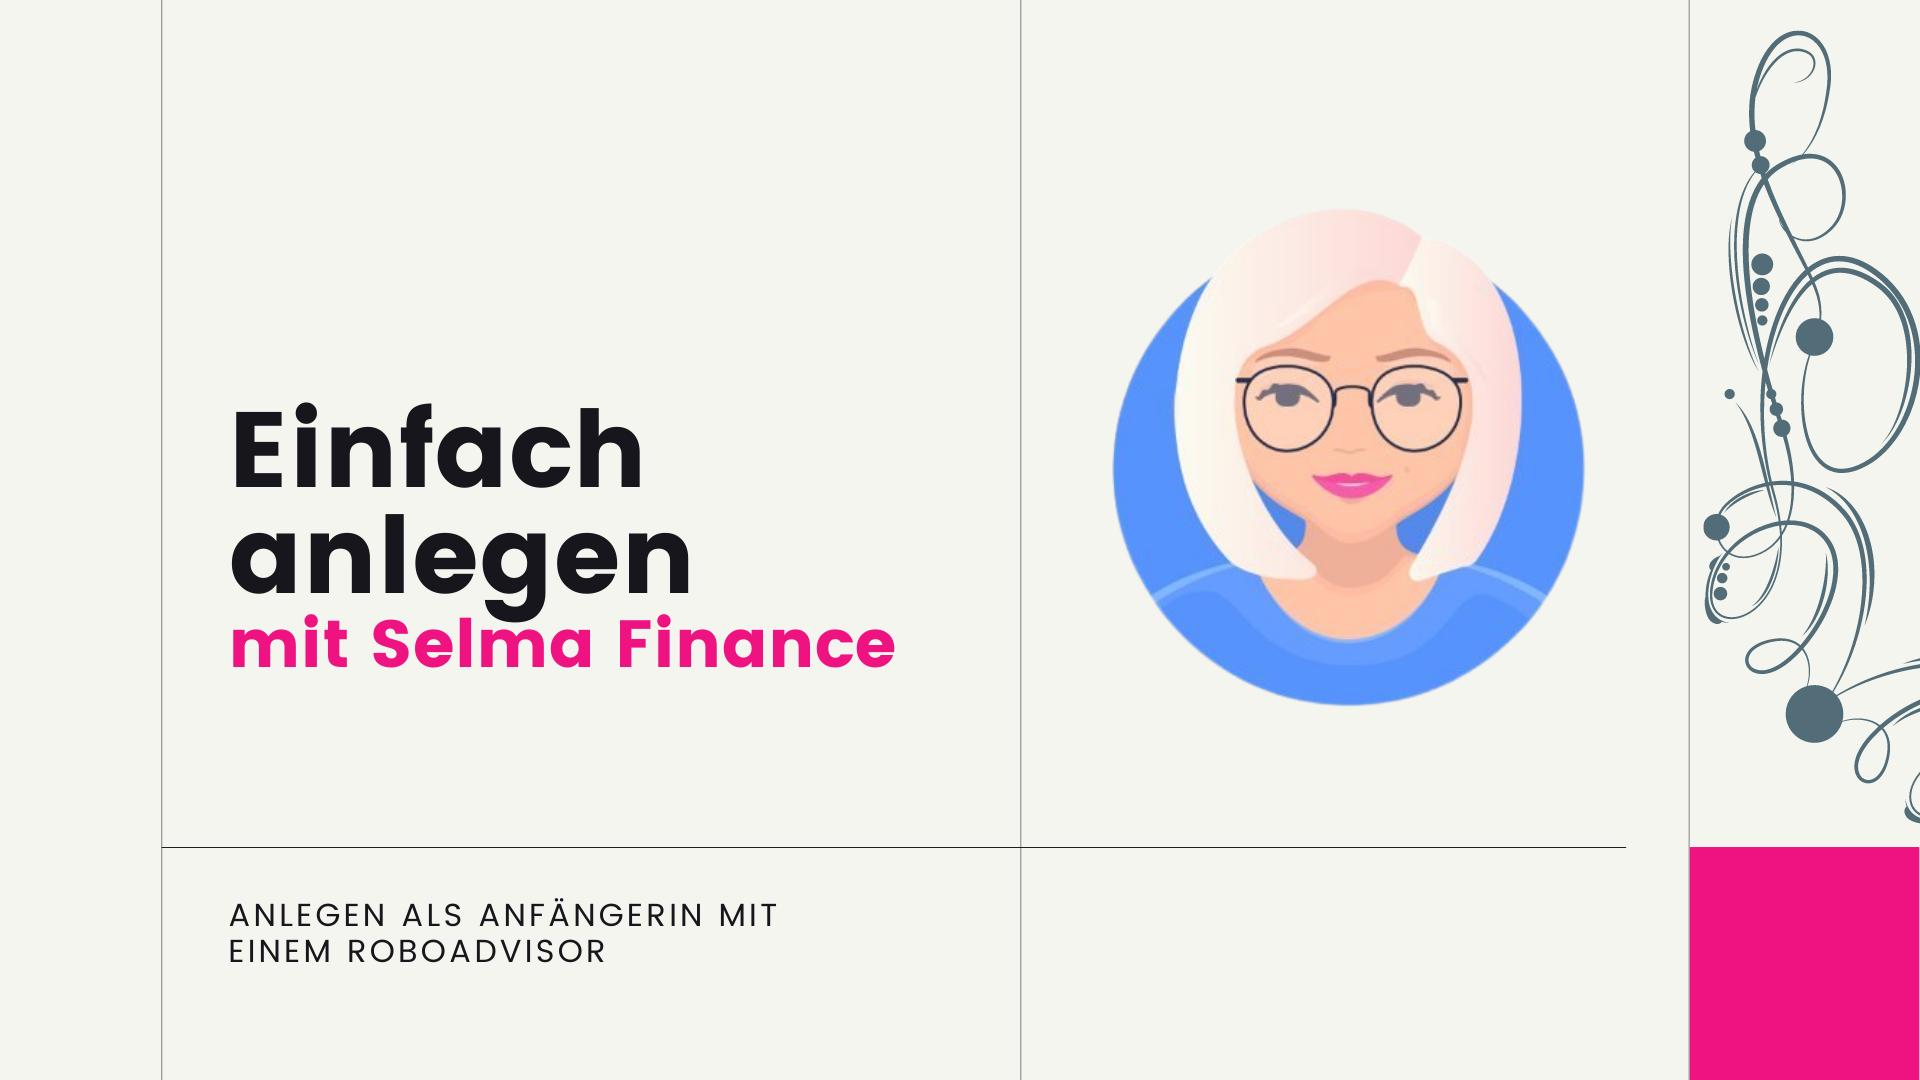 Einfach anlegen mit Selma Finance